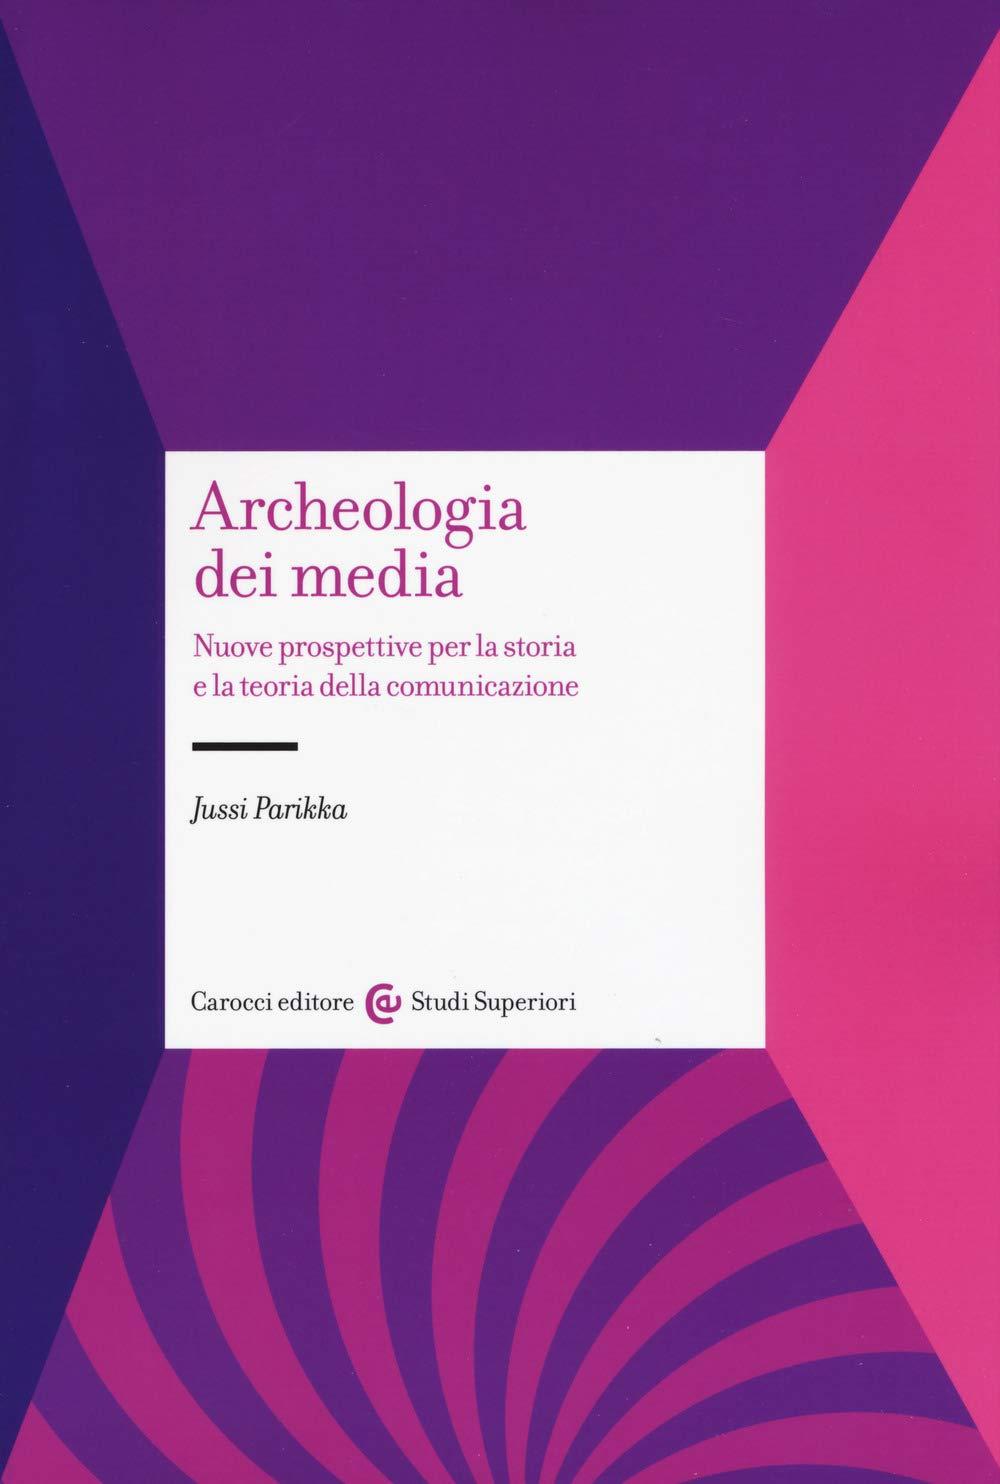 J. Parikka, Archeologia dei media. Nuove prospettive per la storia e la teoria della comunicazione, Carocci 2019